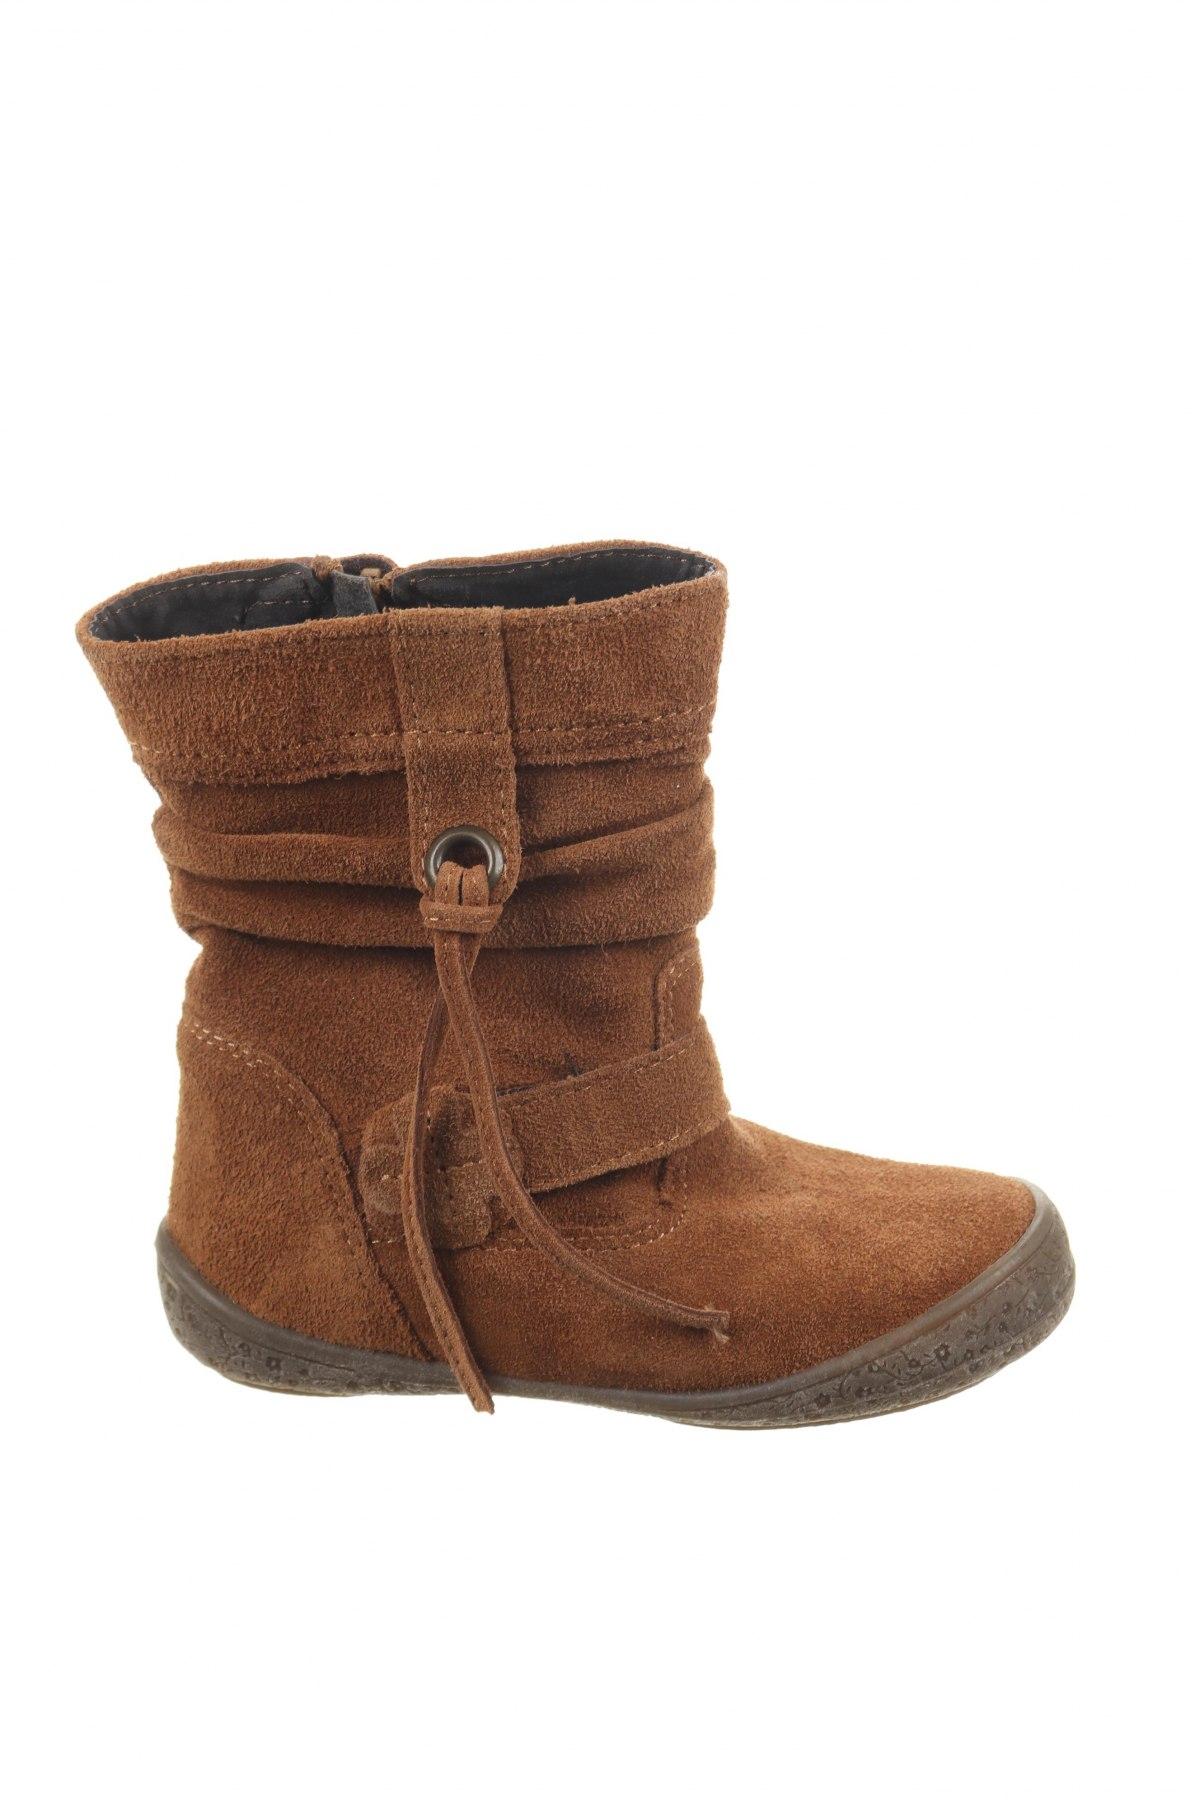 Παιδικά παπούτσια Saxo Blues, Μέγεθος 26, Χρώμα Καφέ, Γνήσιο δέρμα, Τιμή 11,97€